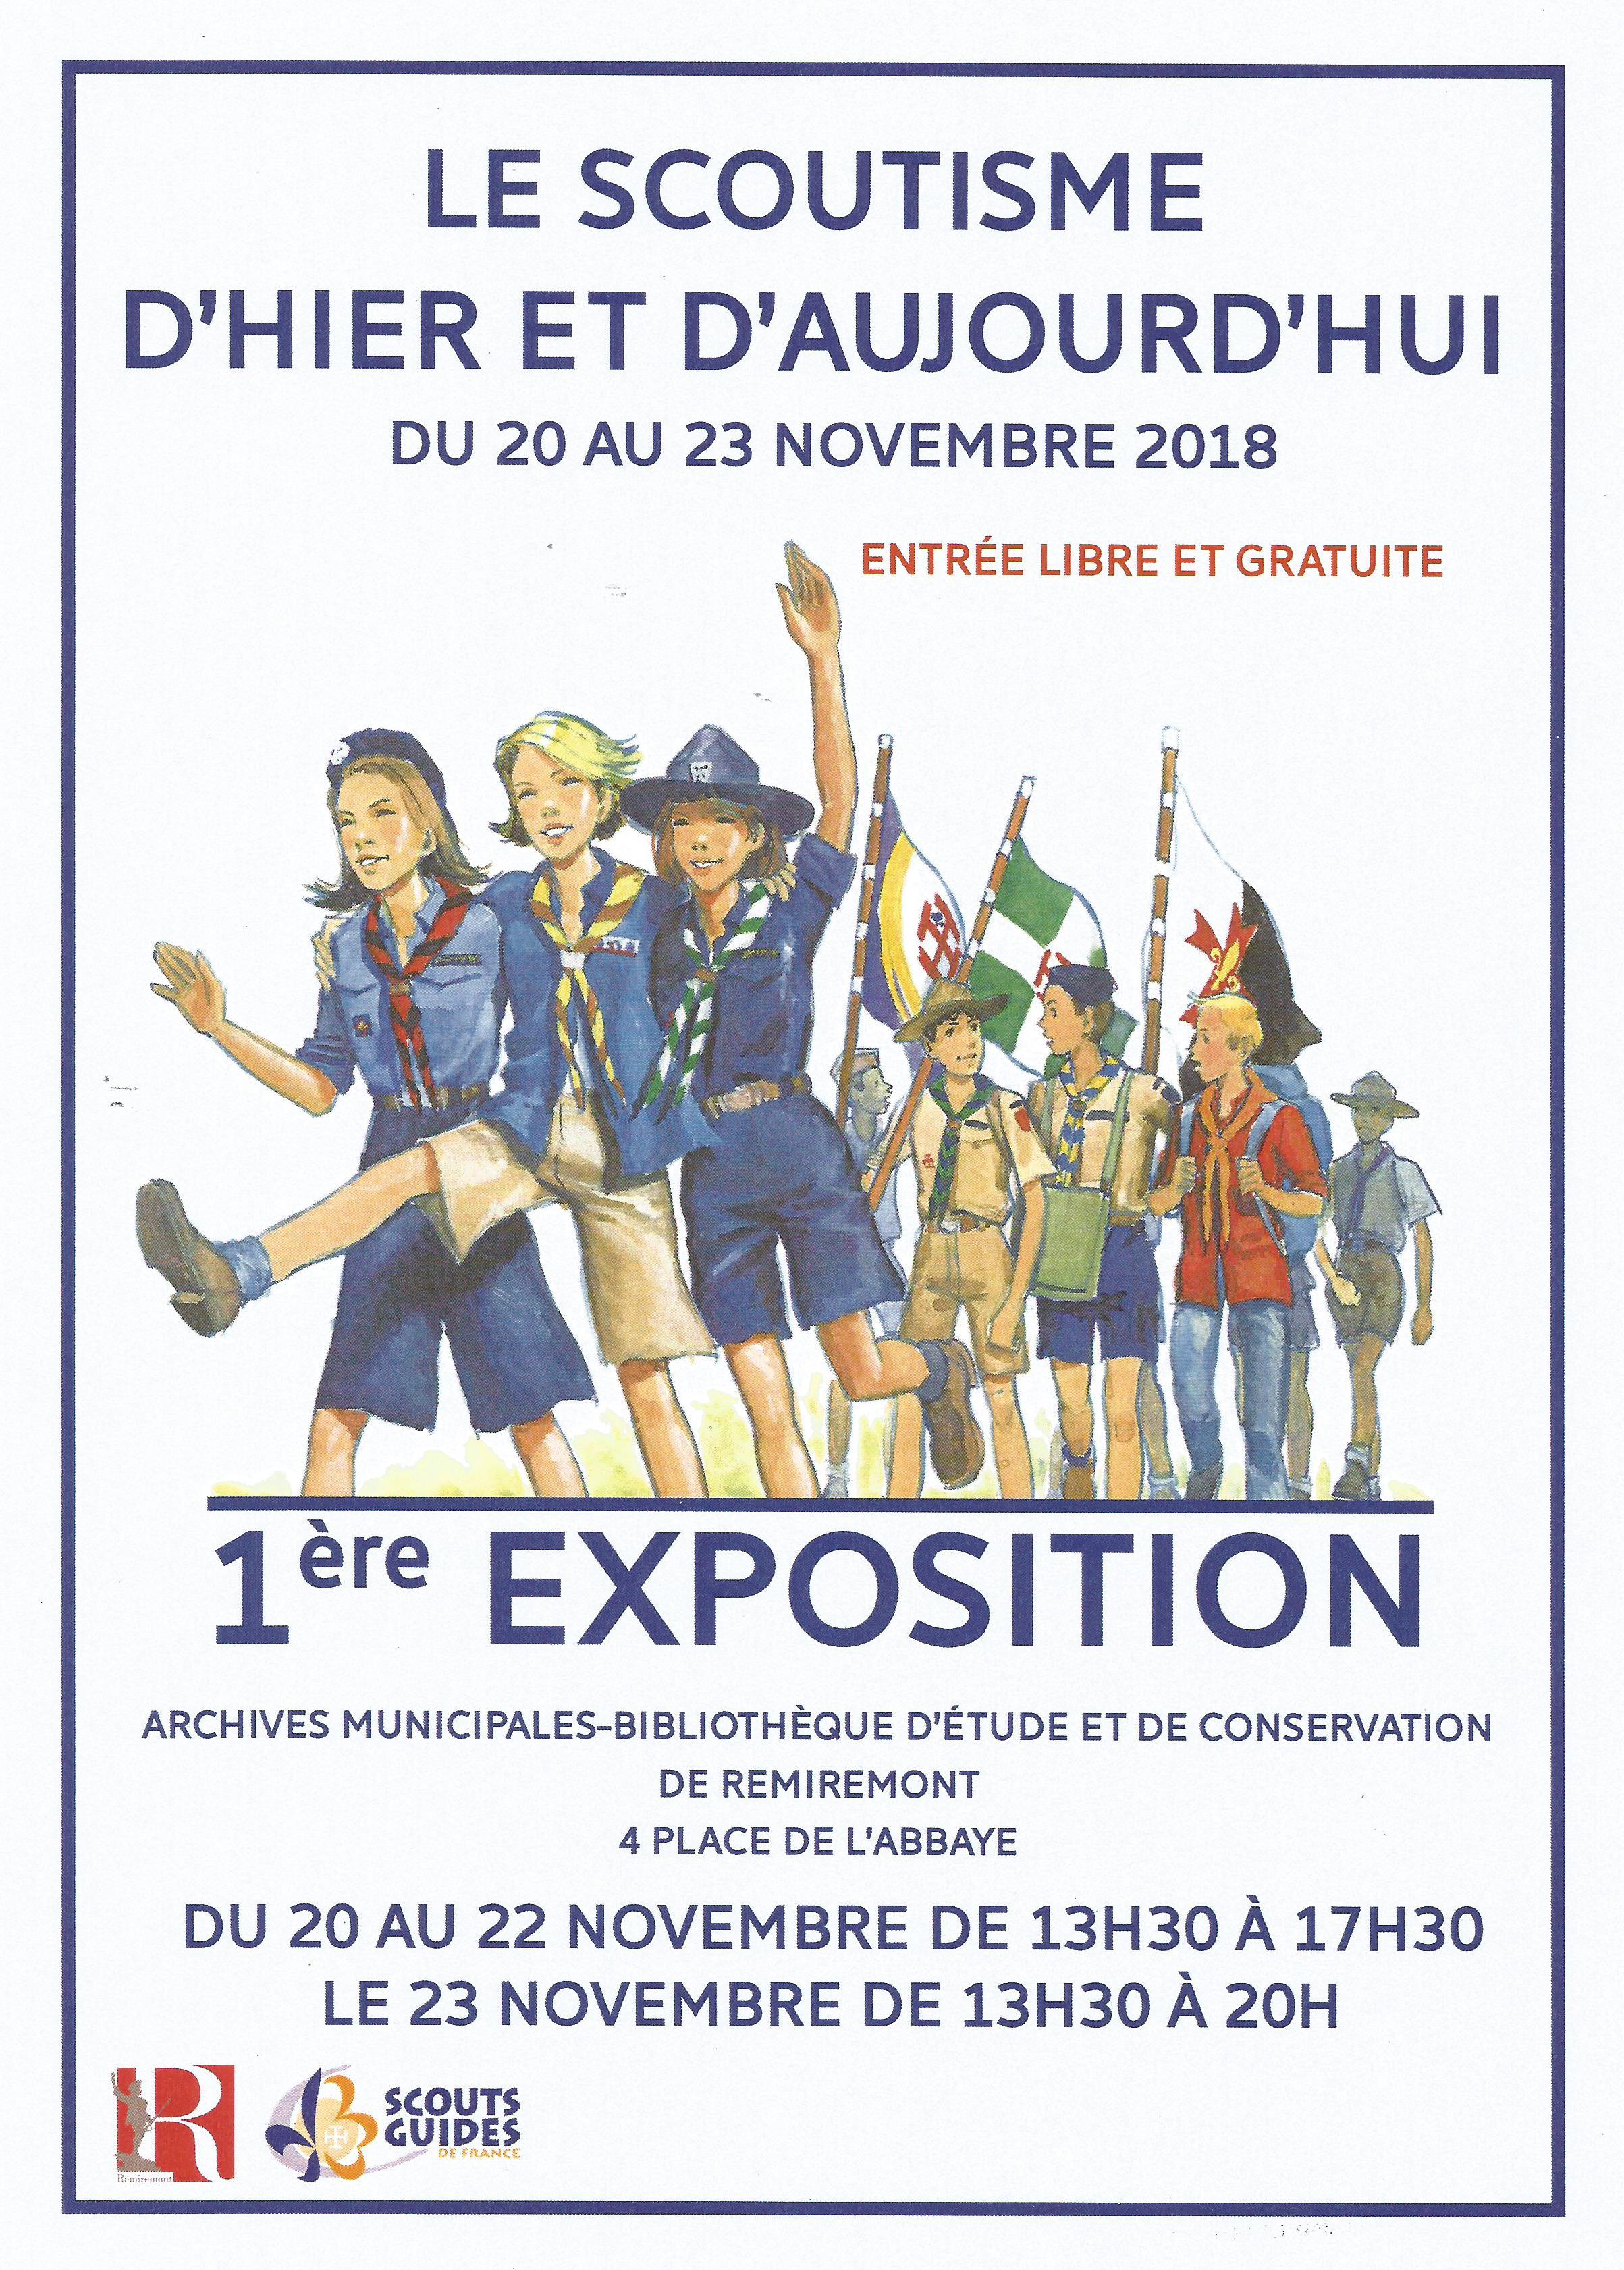 Affiche Exposition Scouts d'hier et d'aujourd'hui